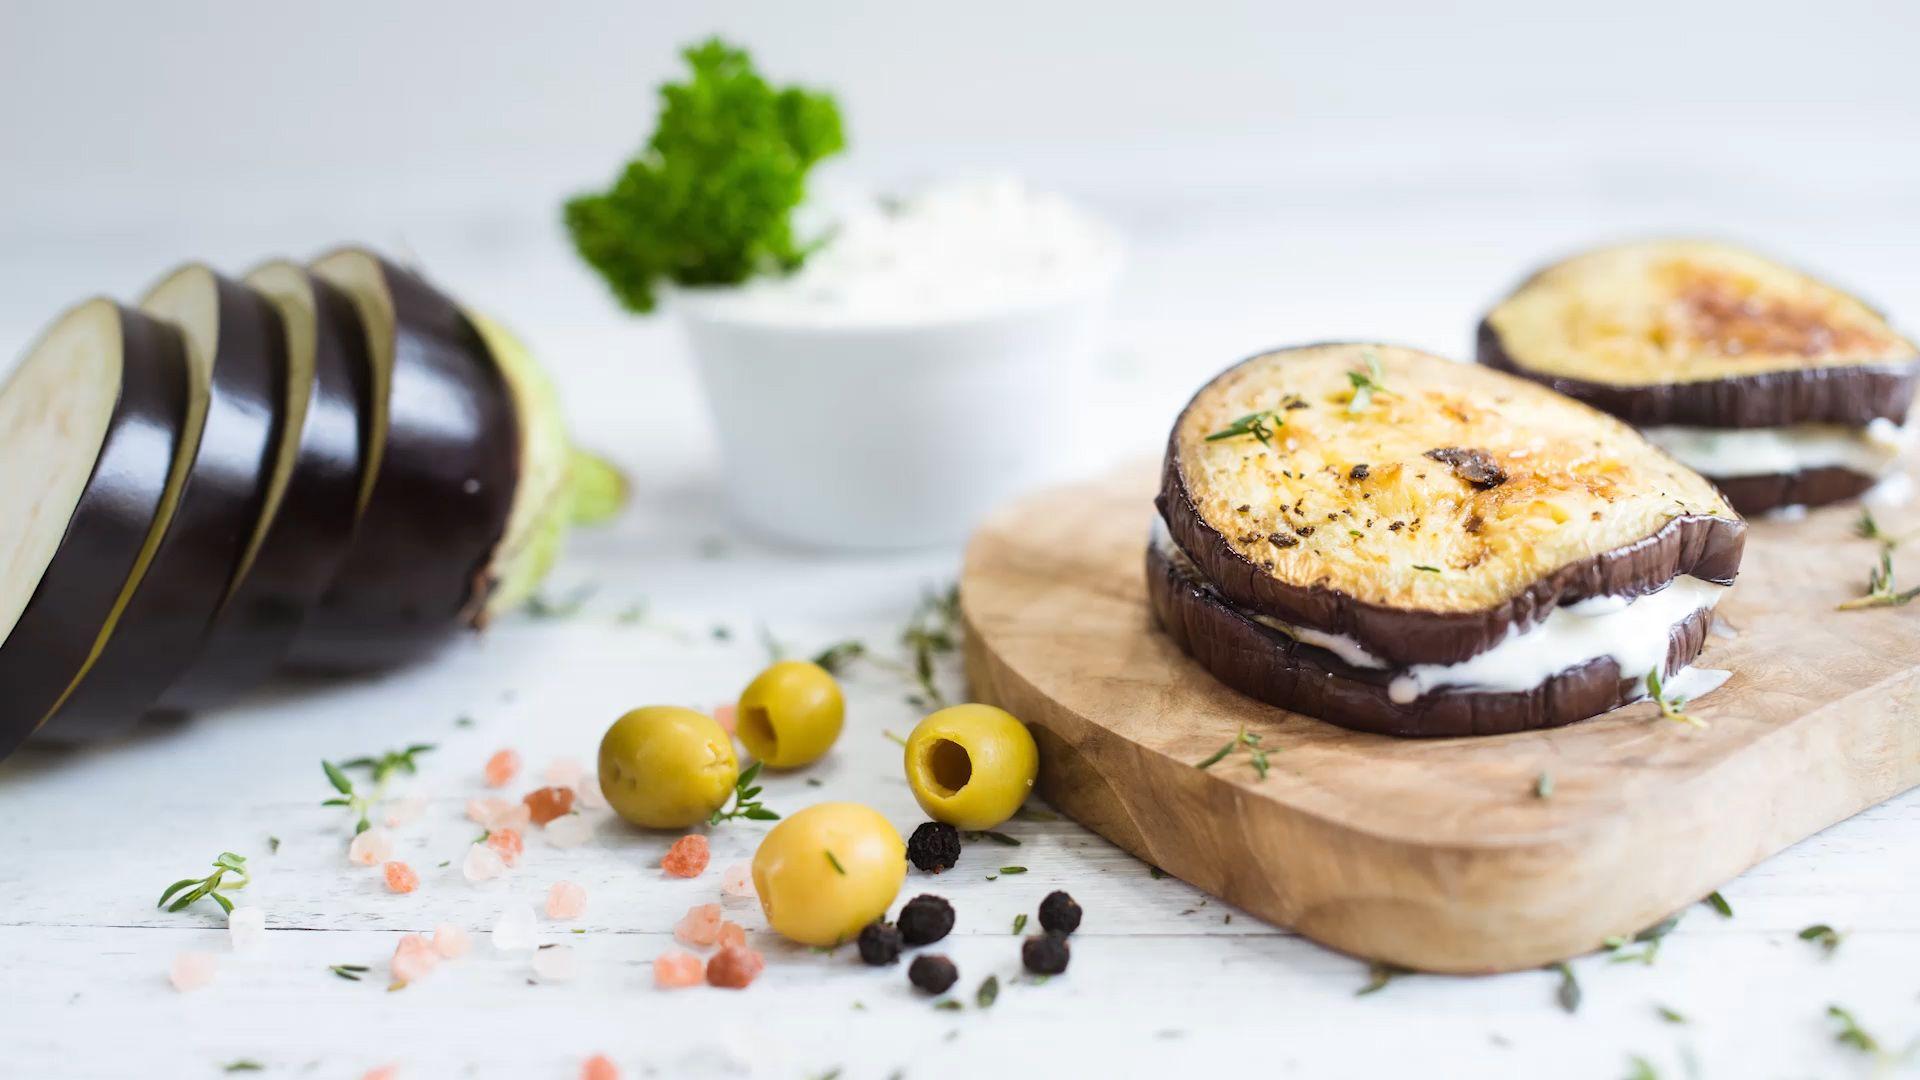 melanzani sandwich wenn 39 s mal keine kohlenhydrate sein sollen. Black Bedroom Furniture Sets. Home Design Ideas